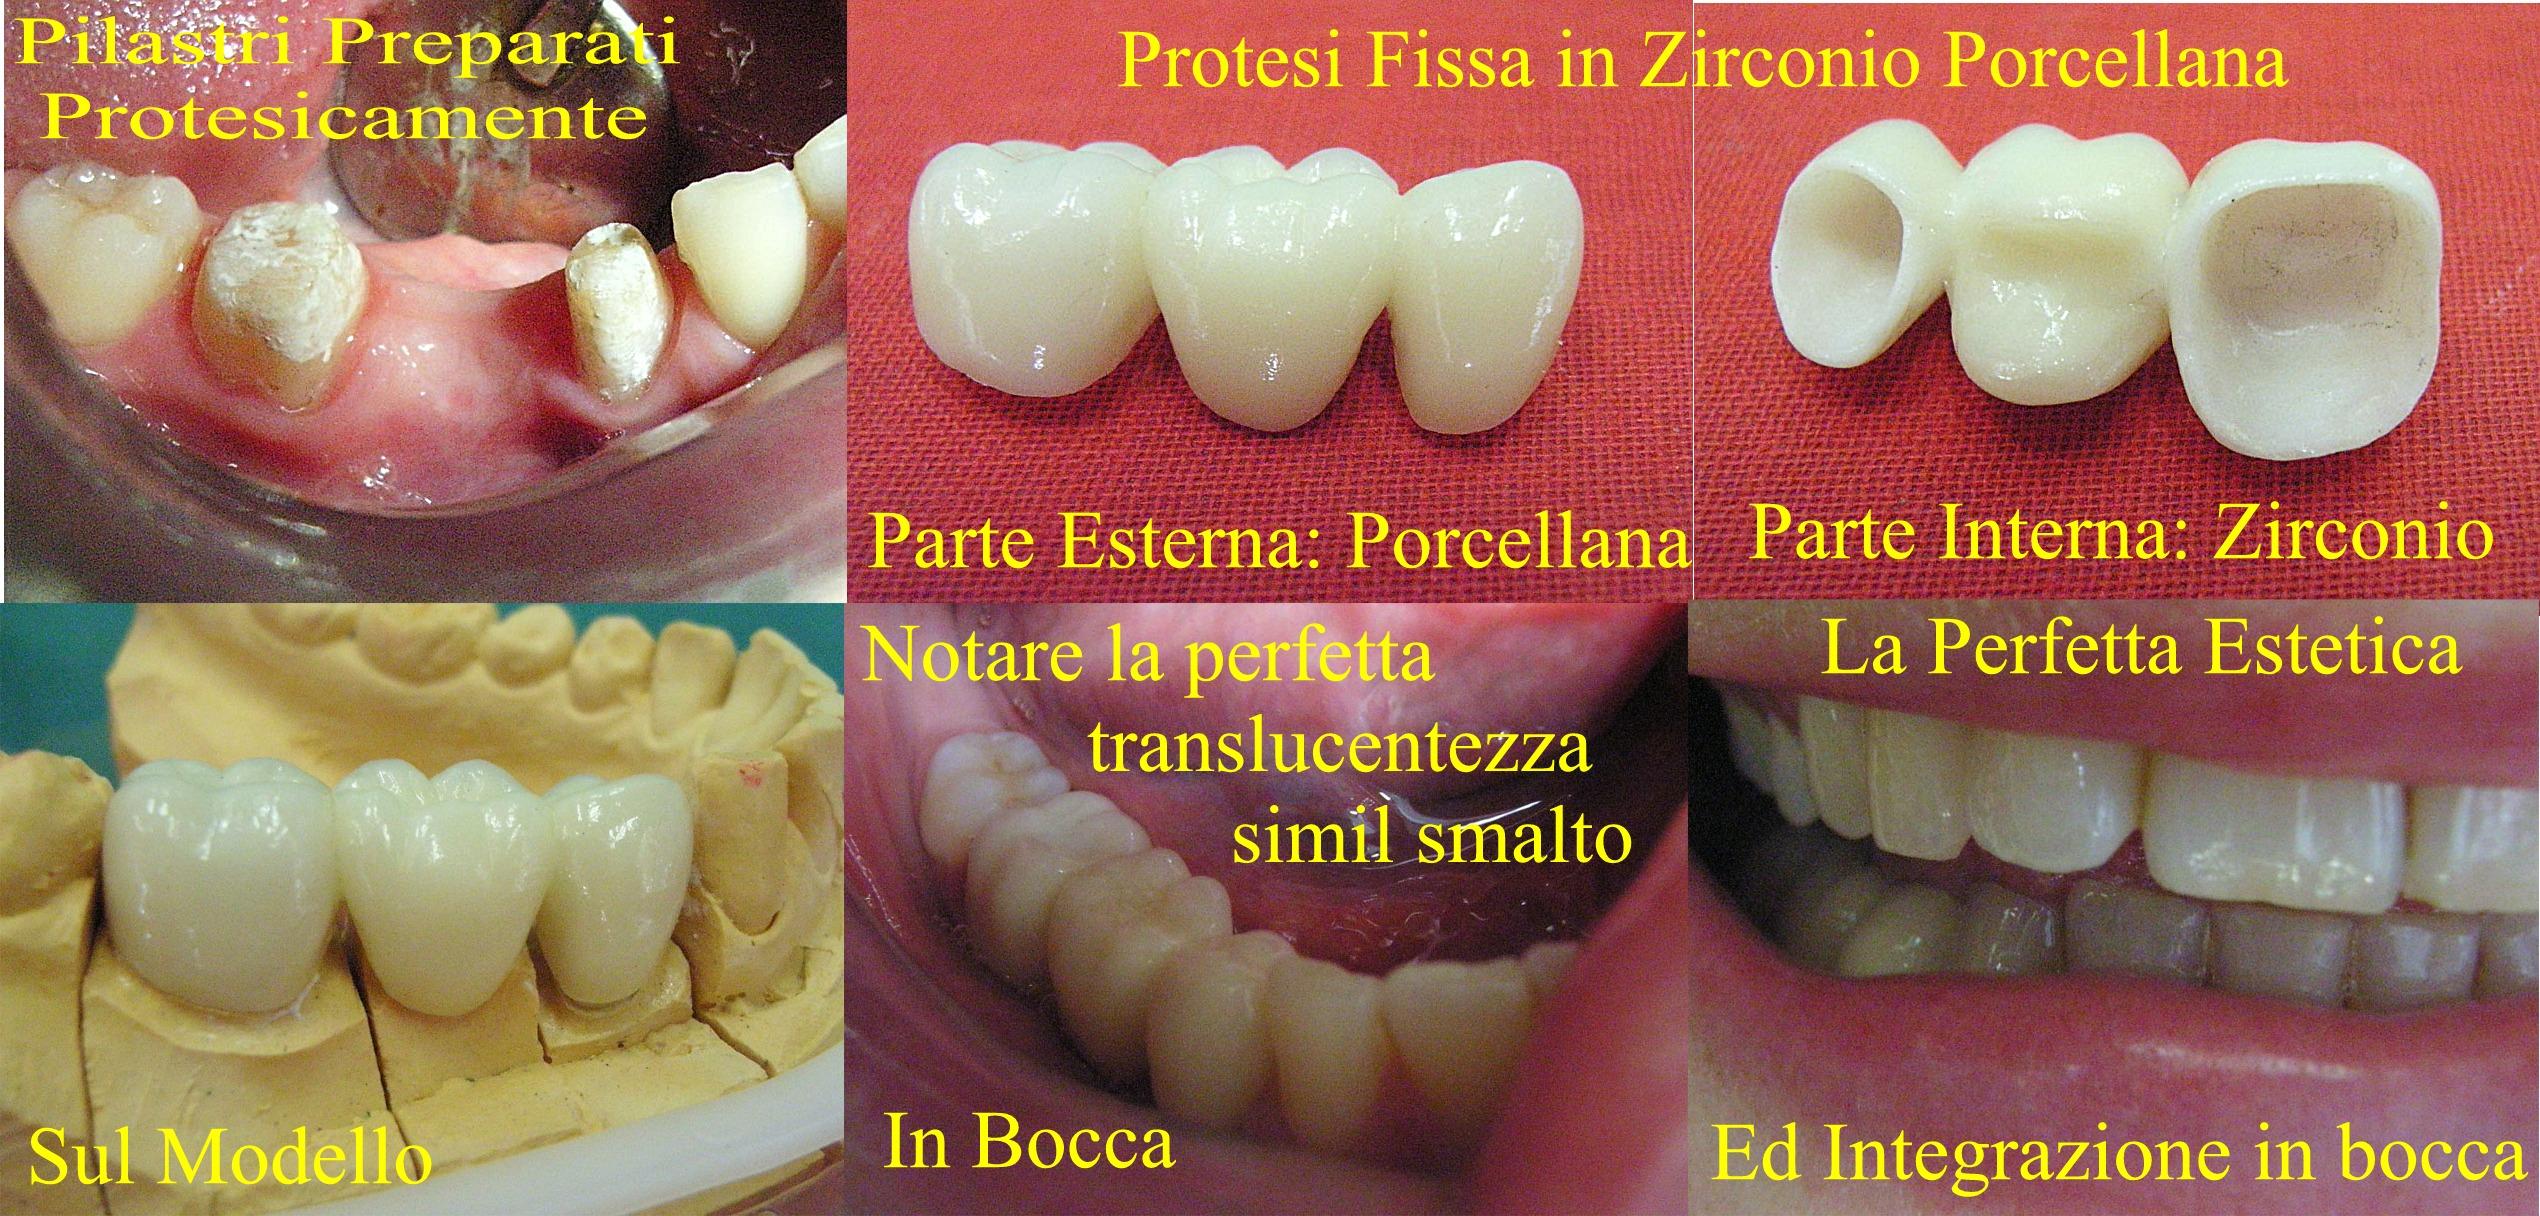 Protesi in Zirconio Porcellana. Da casistica Dr.ssa Claudia Petti Protesista Ortodontista di Cagliari